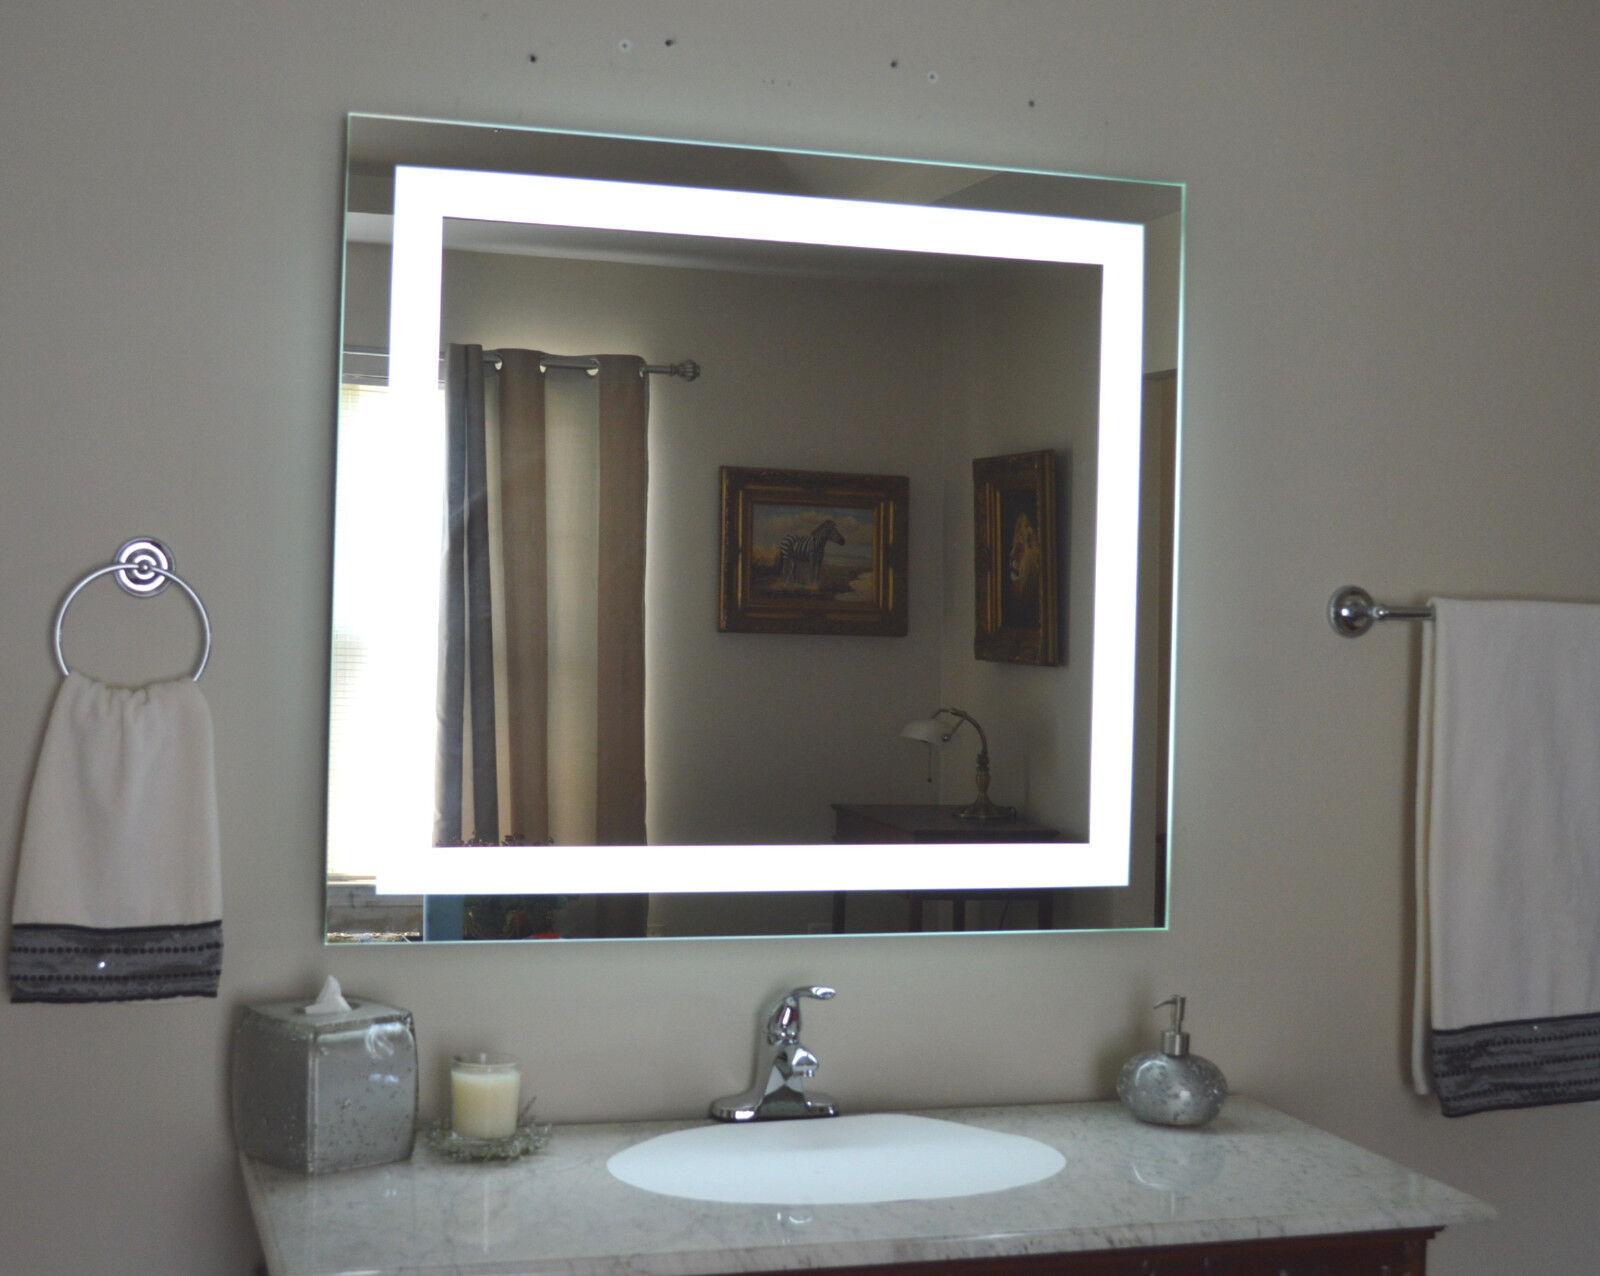 Tall Vanity Mirror Lights